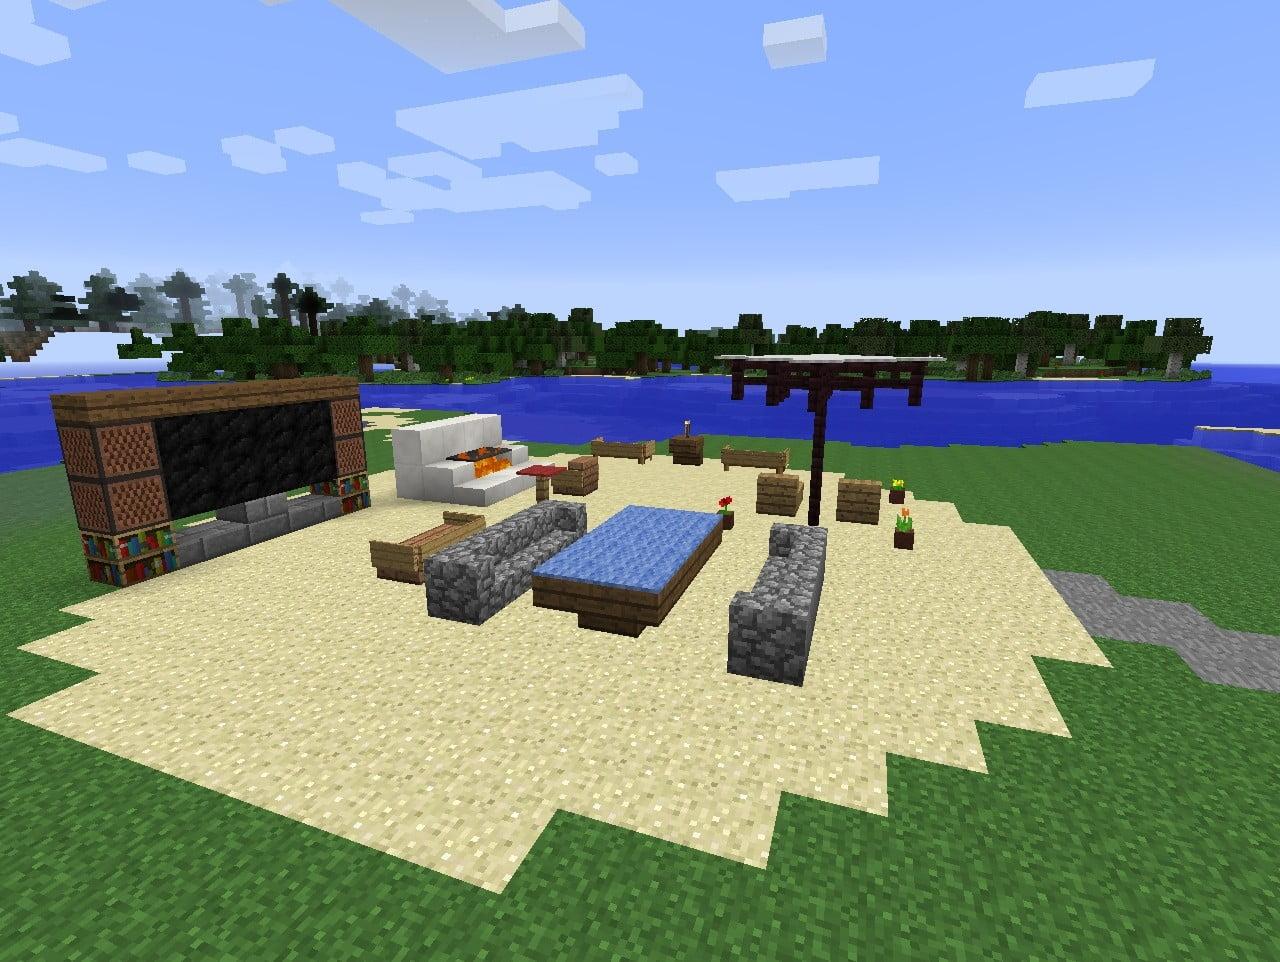 ᐅ grillplatz in minecraft bauen - minecraft-bauideen.de